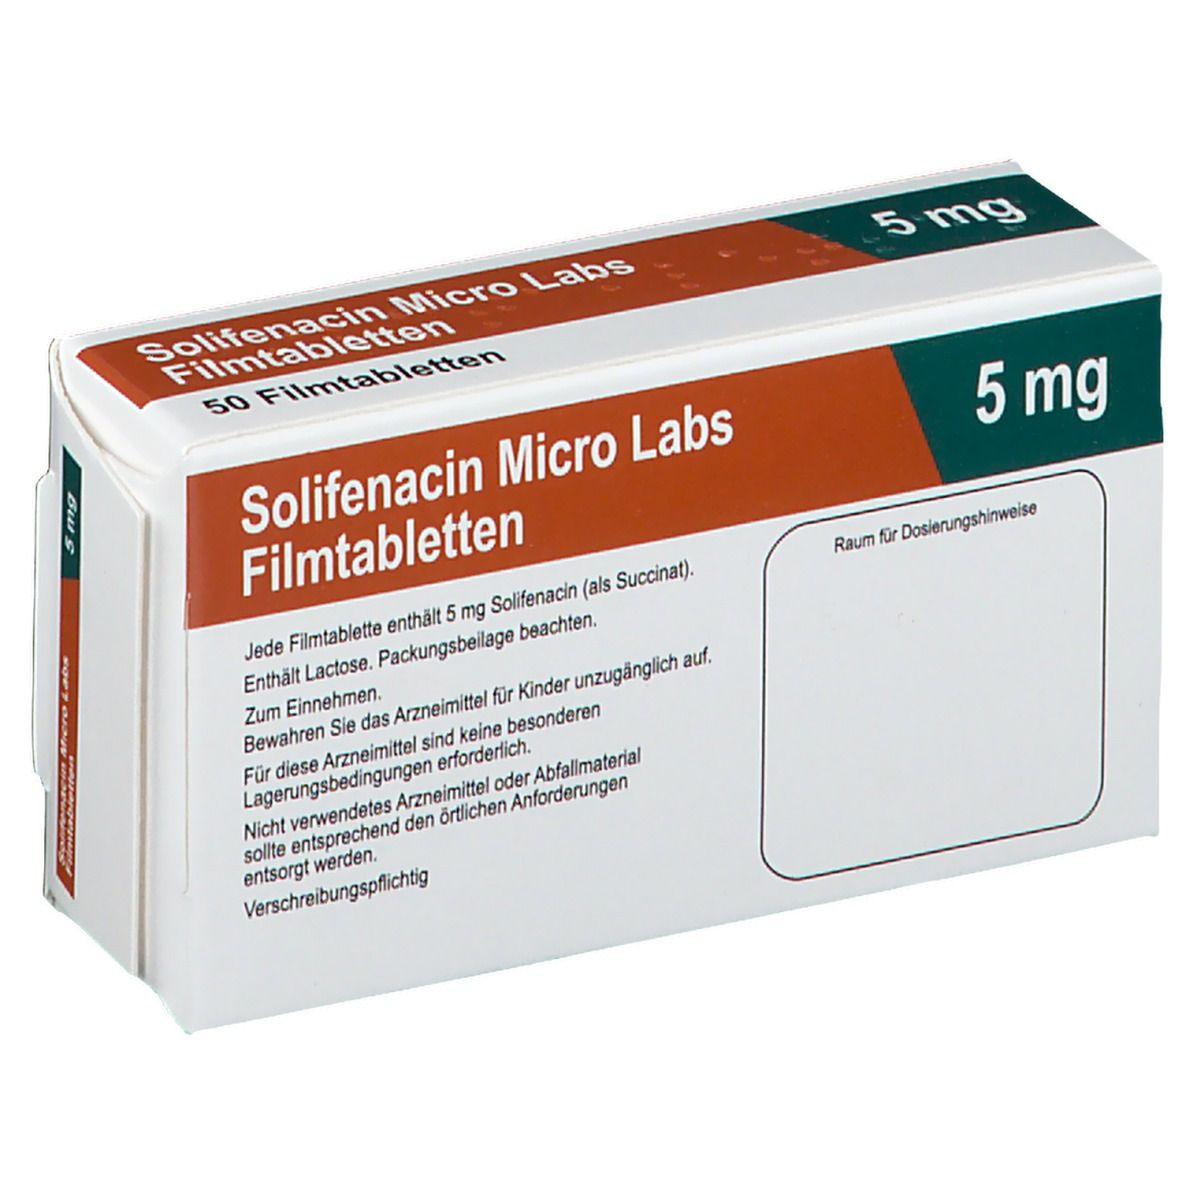 SOLIFENACIN Micro Labs 5 mg Filmtabletten